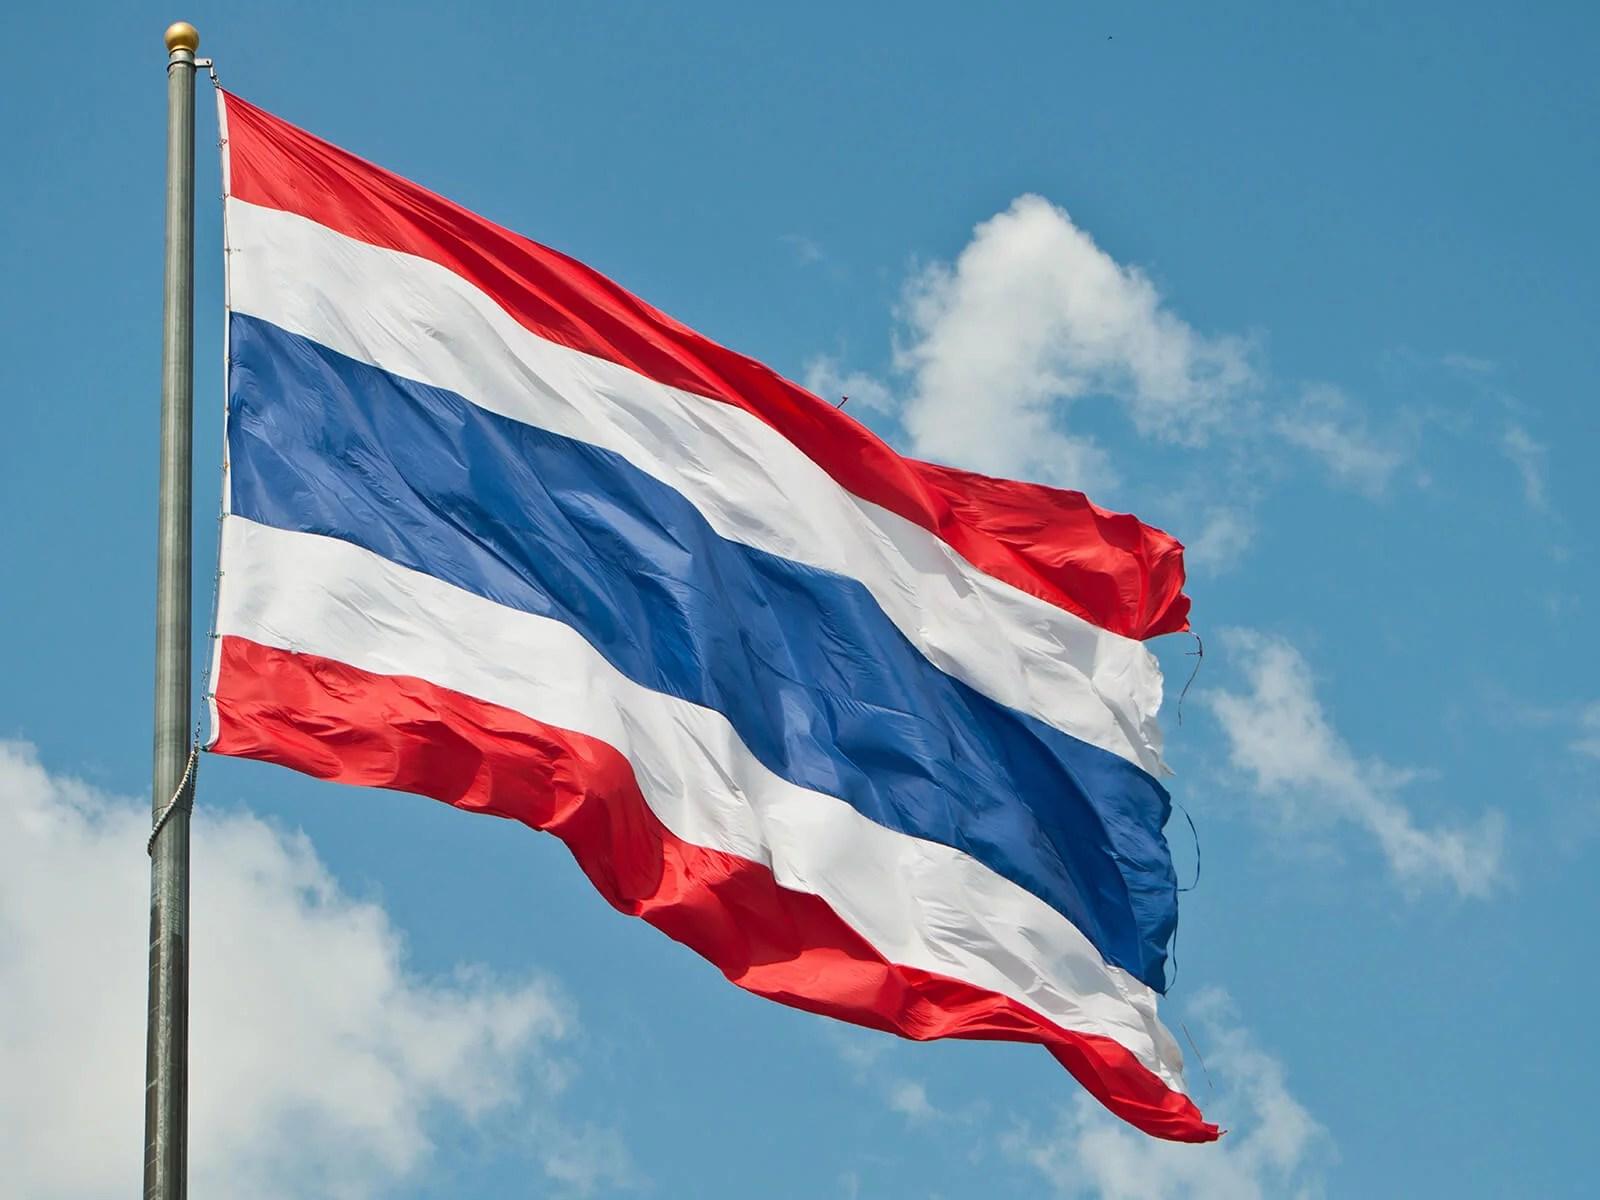 Autoridad reguladora en Tailandia quiere determinar las calificaciones de los nuevos inversores en criptomonedas